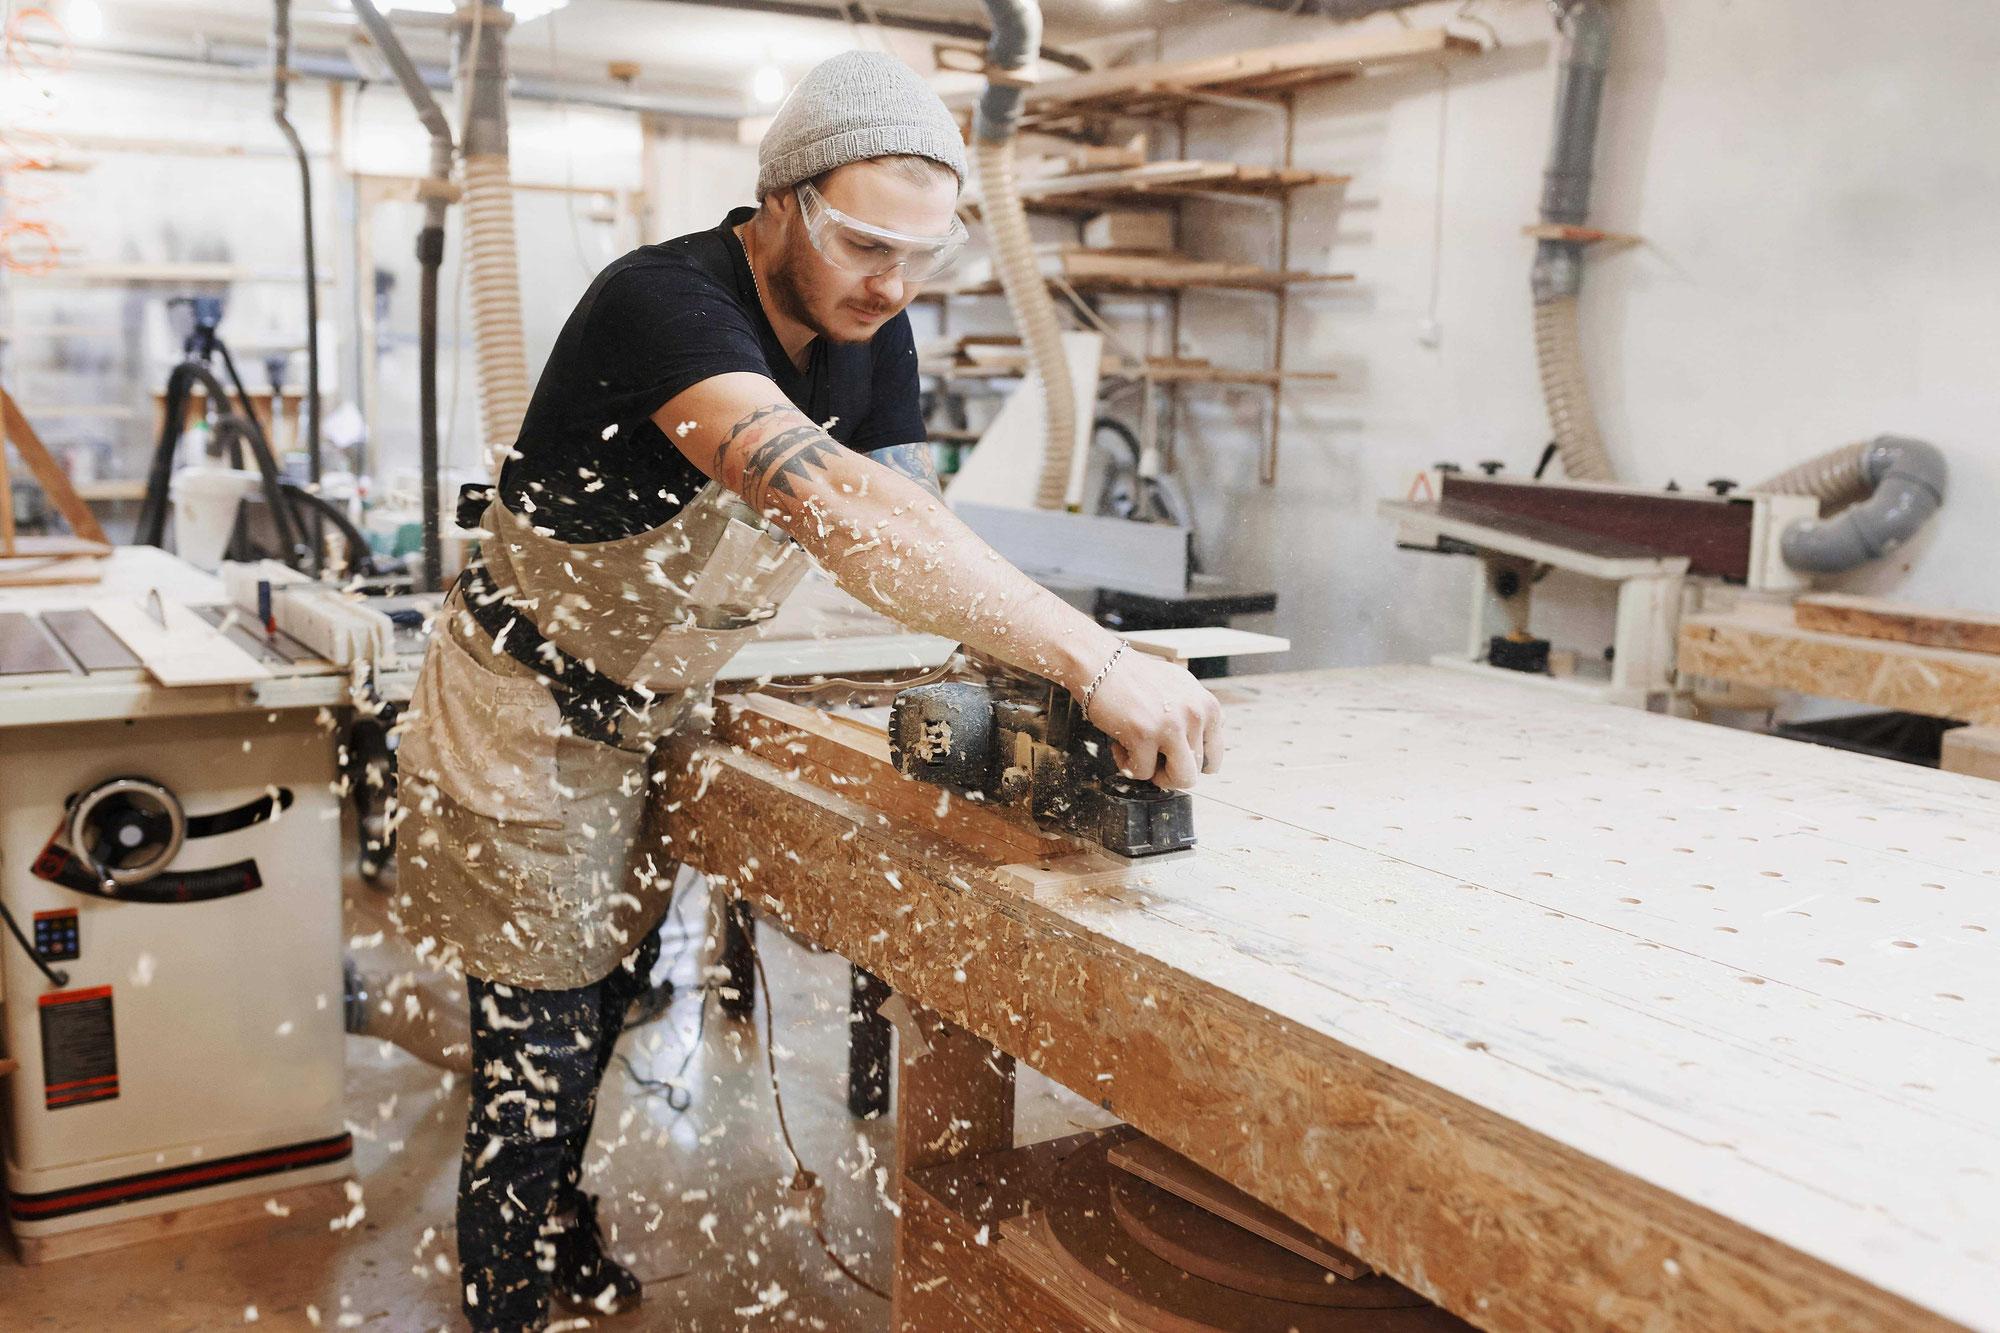 Staubabsaugung für Industrie und Handwerk: Worauf sollten Sie achten?